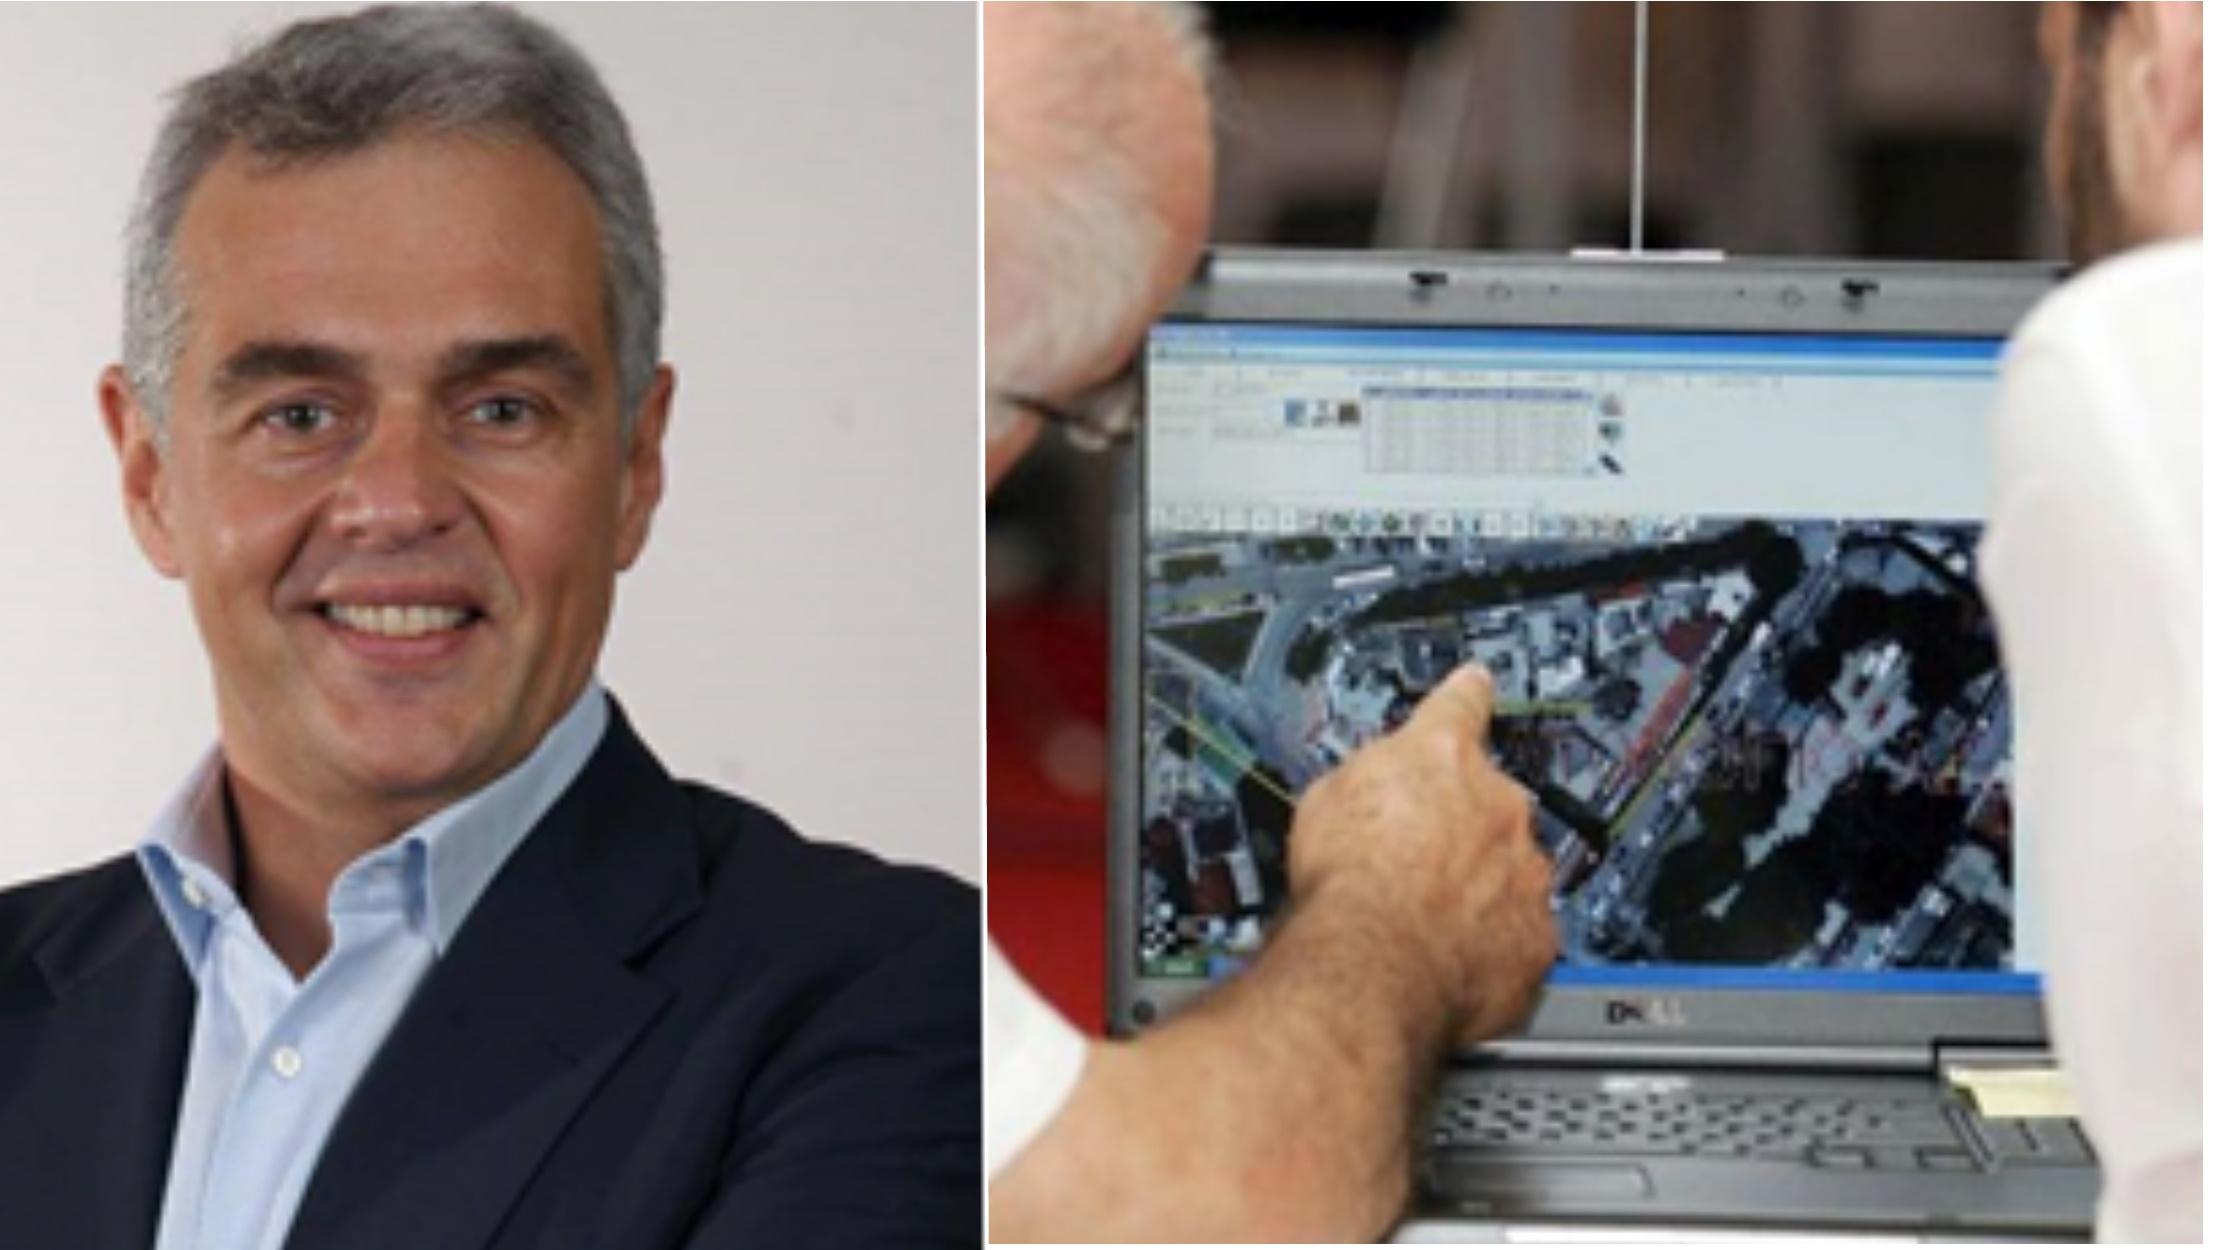 Στέφανος Κοτσώλης (Γενικός Διευθυντής του Ελληνικού Κτηματολογίου): «Ψηφιακό Κτηματολόγιο στην υπηρεσία του πολίτη»